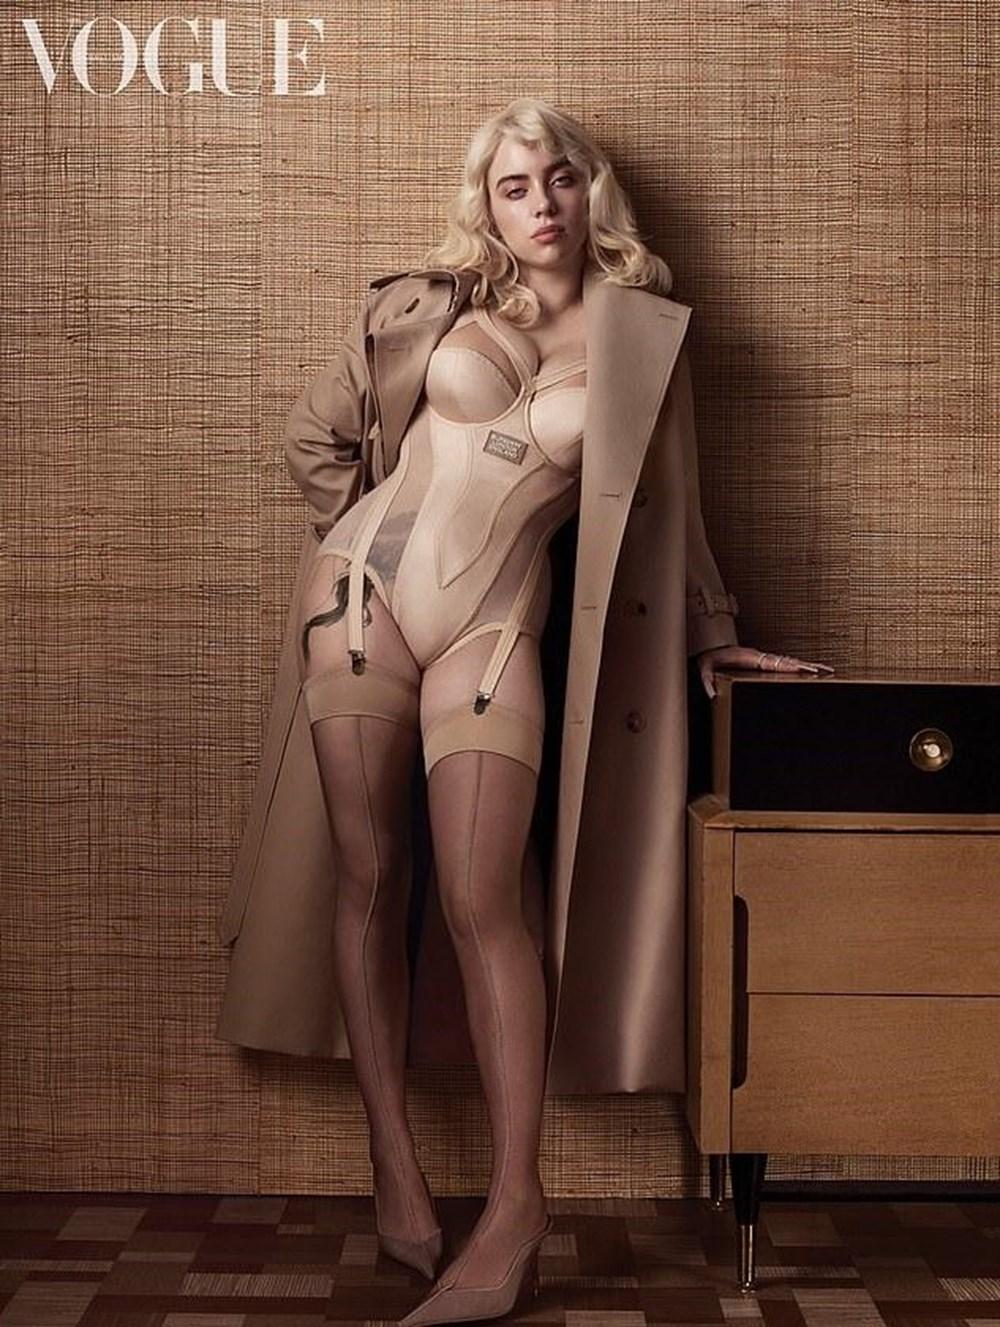 Billie Eilish Vogue için Marilyn Monroe gibi poz verdi - 2